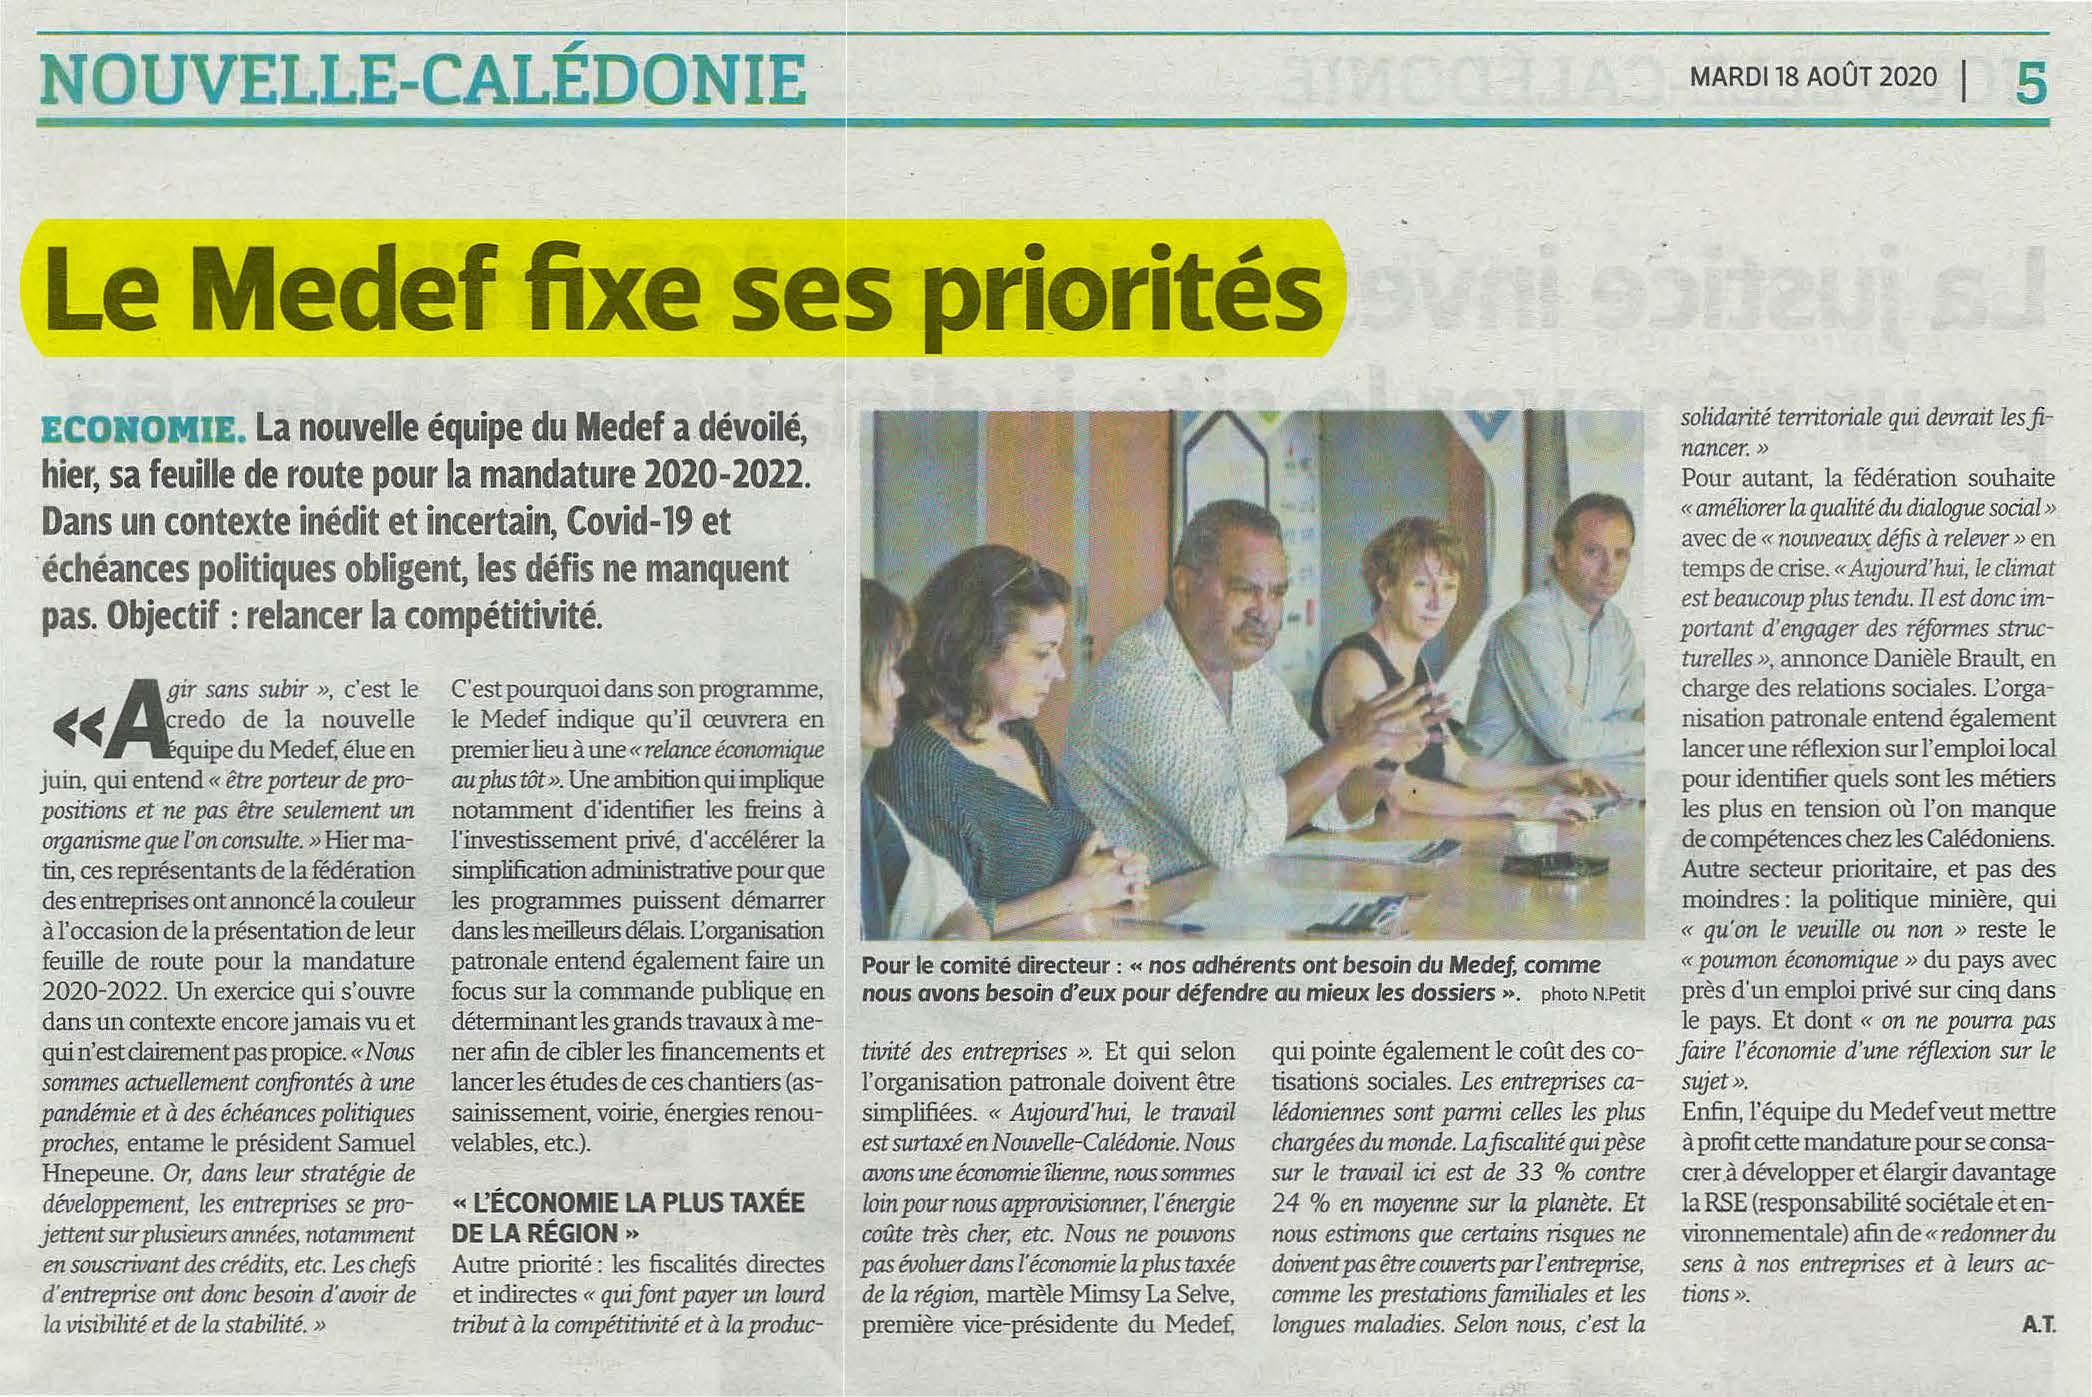 200818_lnc_le_medef_fixe_ses_priorites